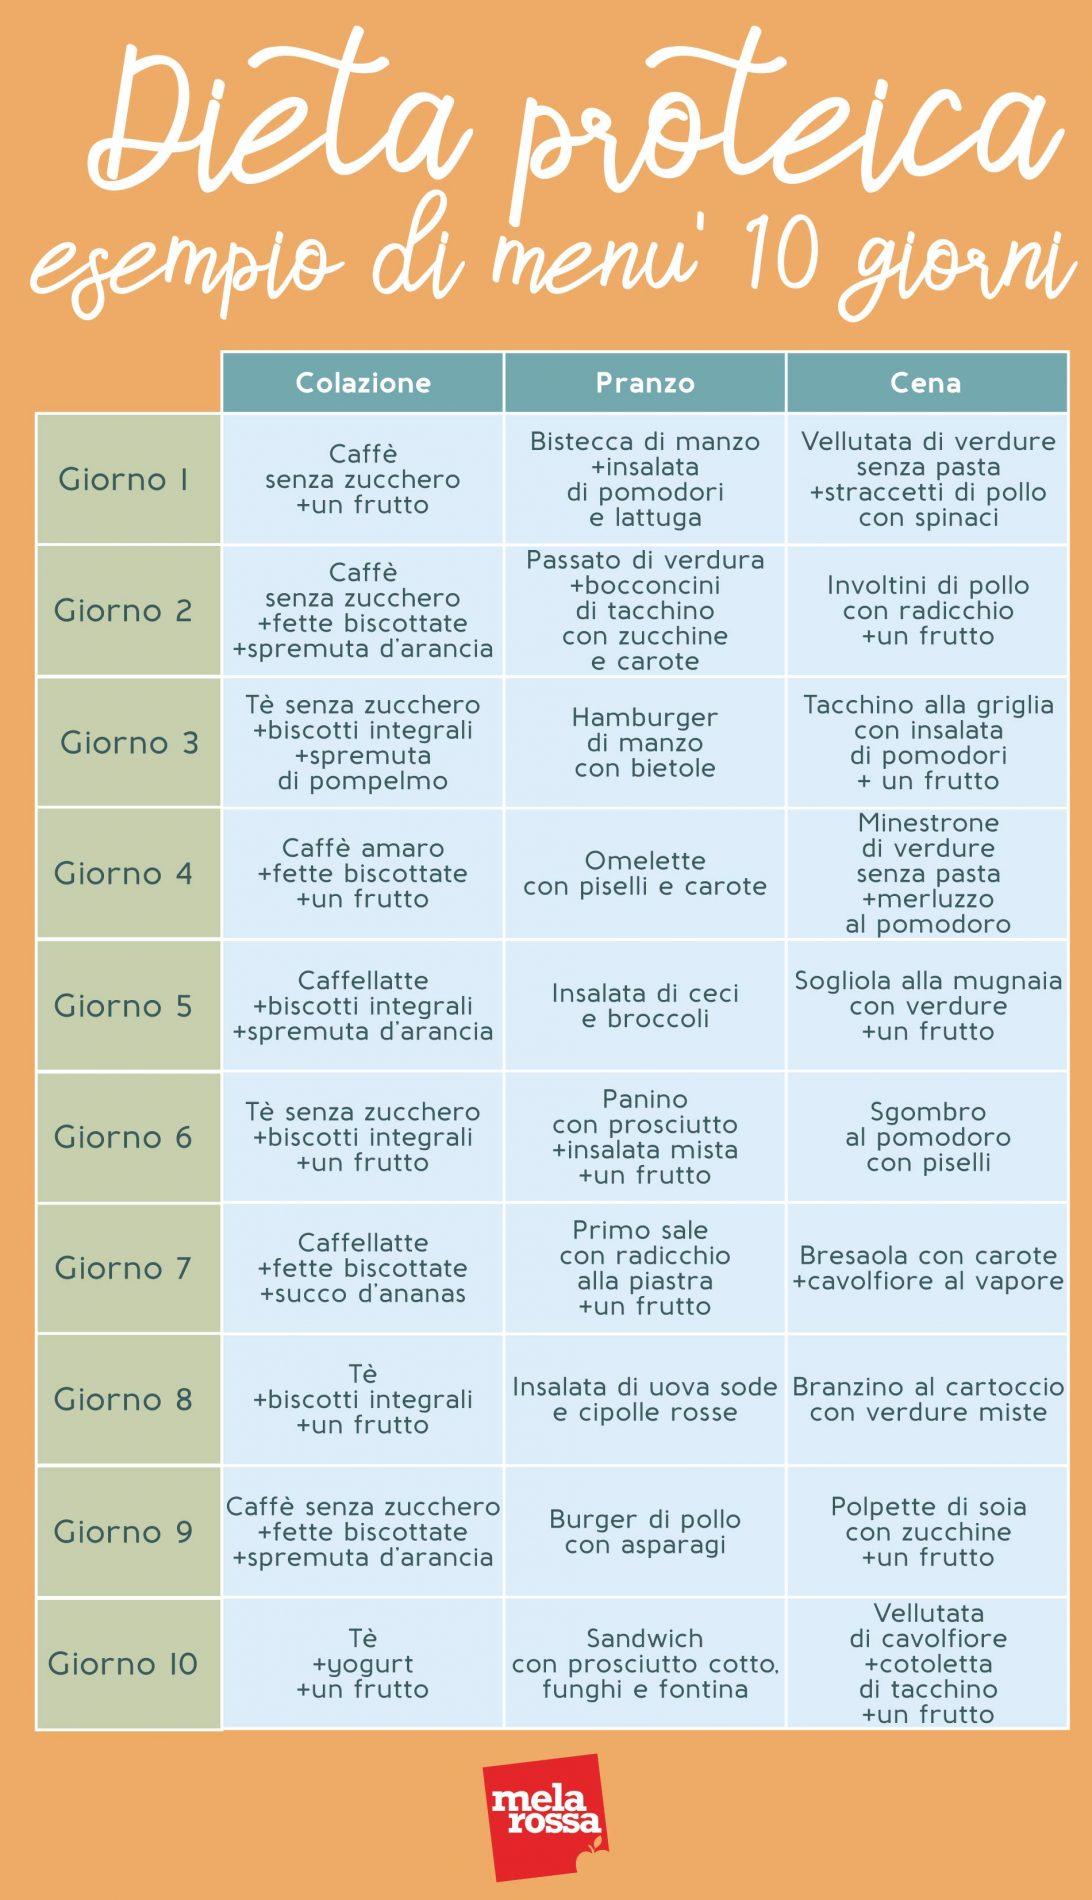 dieta proteica esempio menu 10 giorni